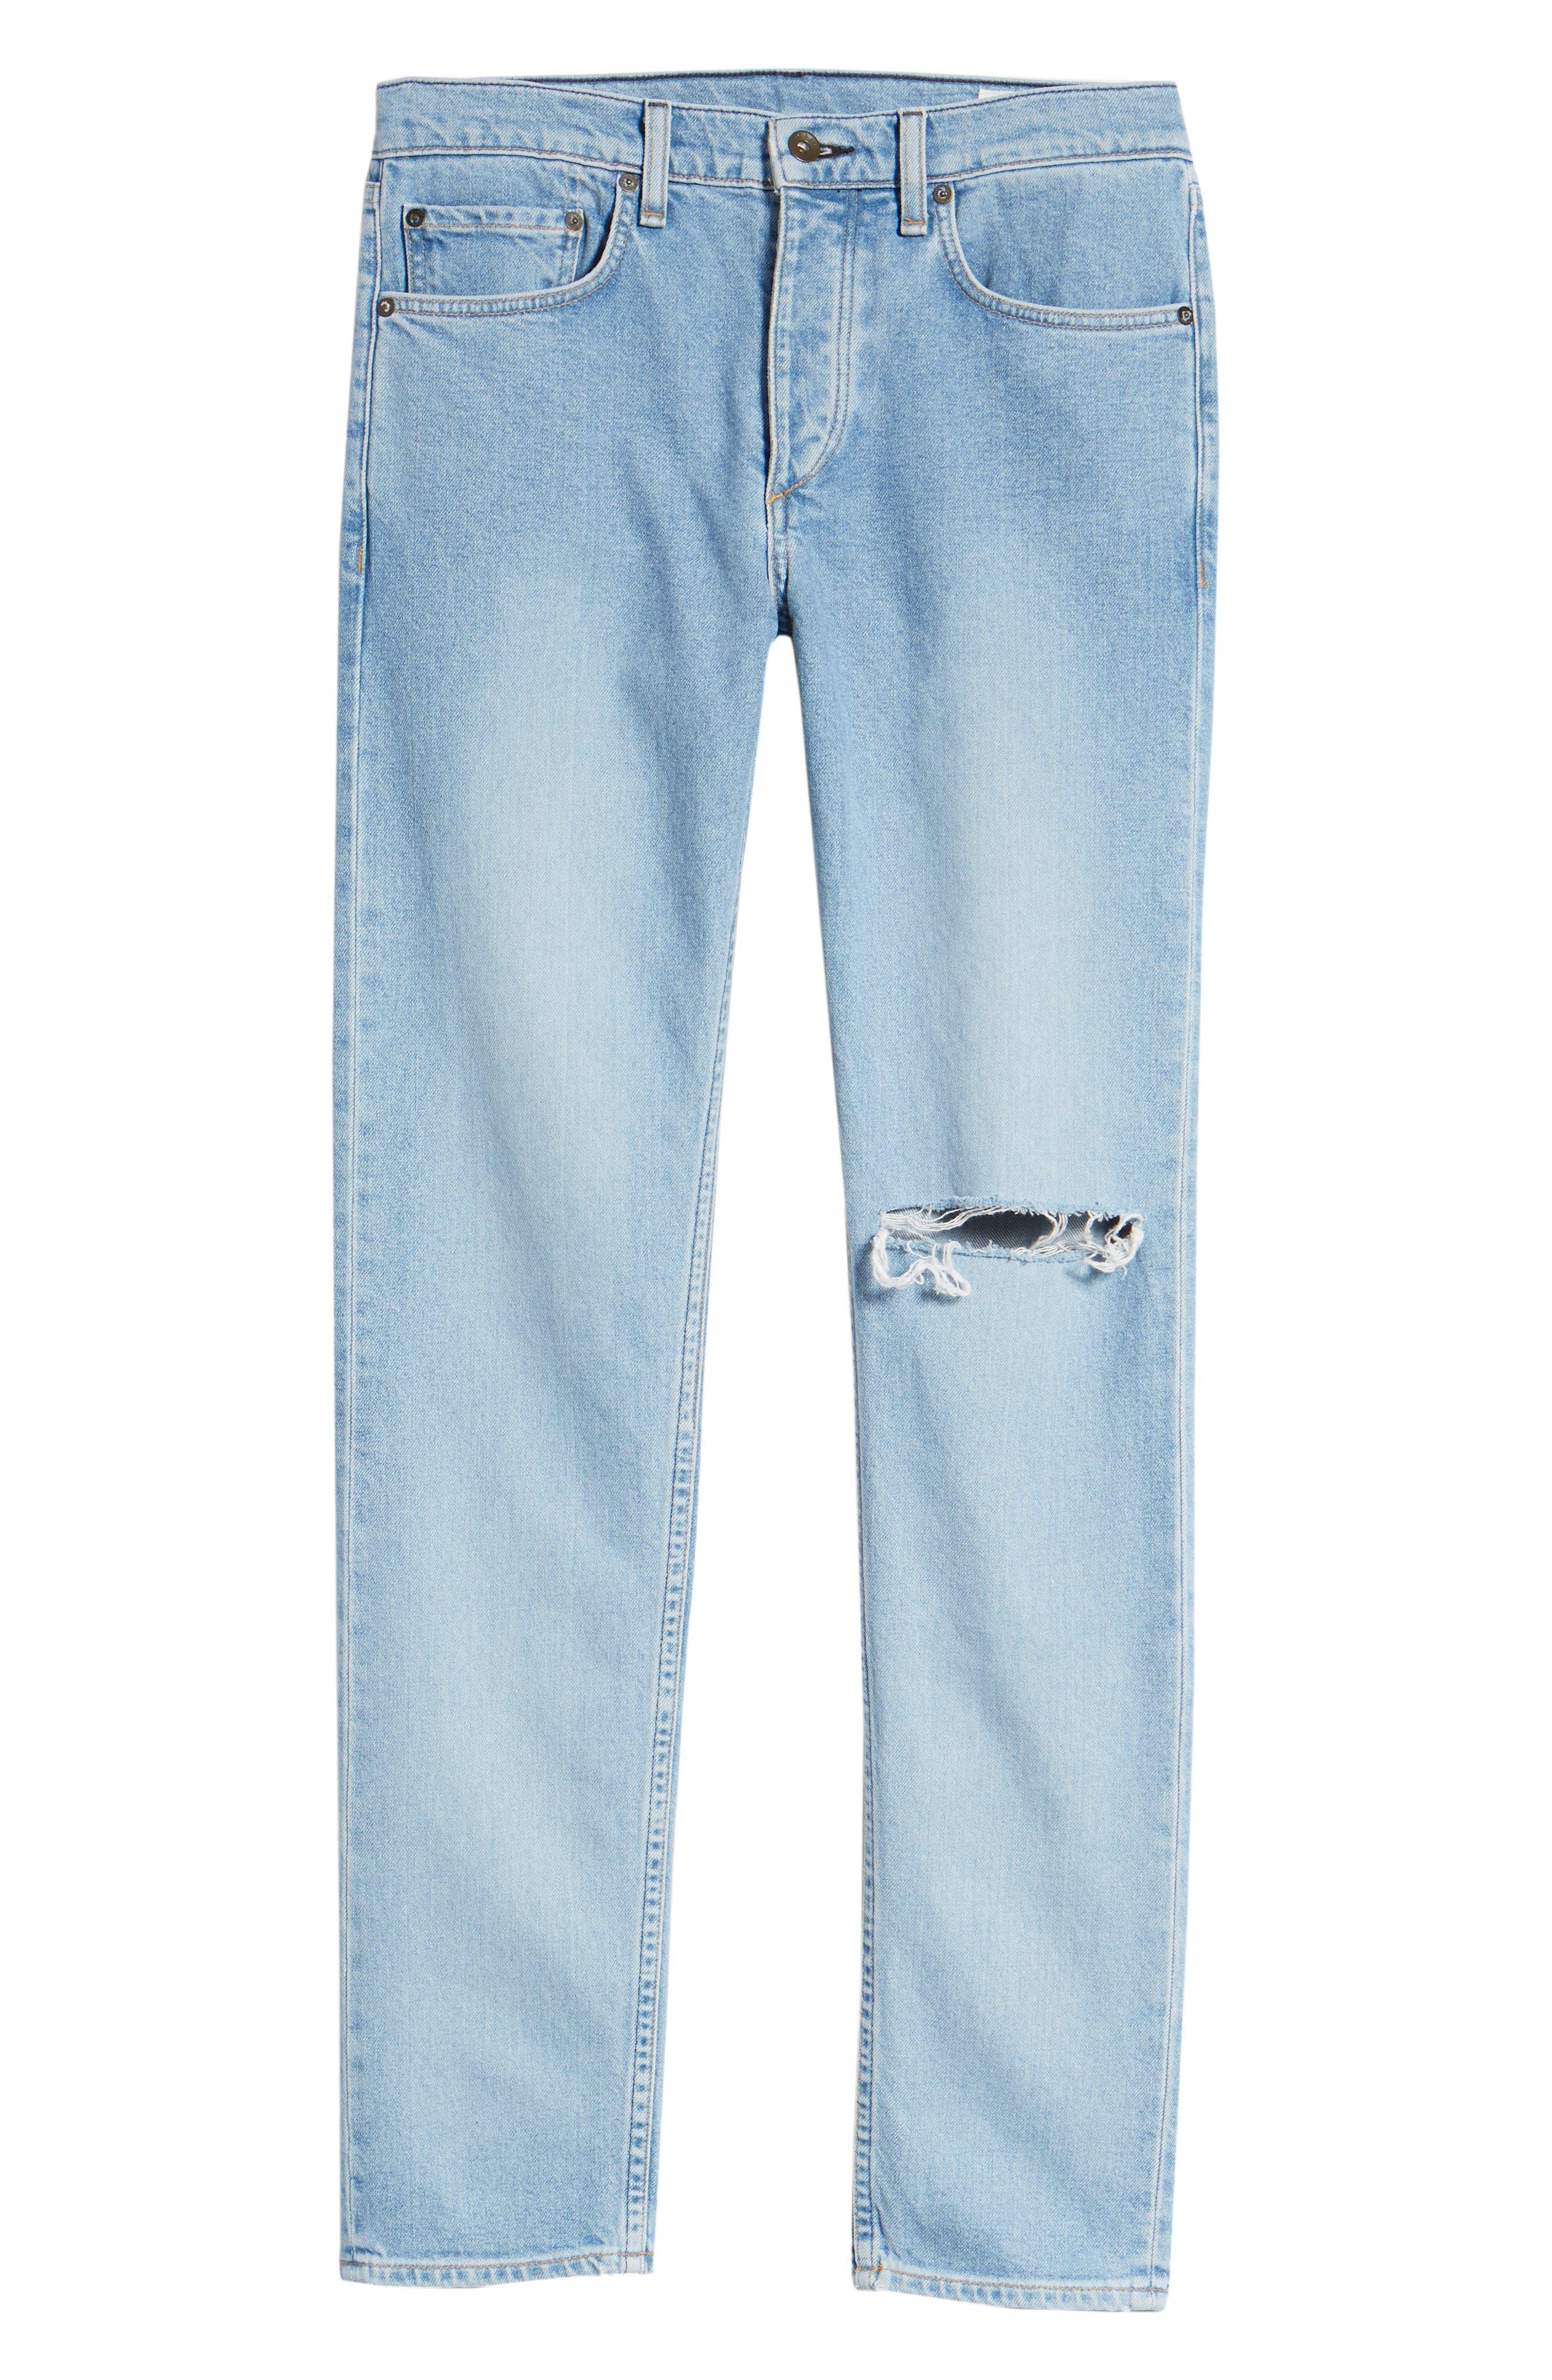 Fit 2 Slim Fit Jeans,                             Alternate thumbnail 6, color,                             MONTAUK W/ HOLE